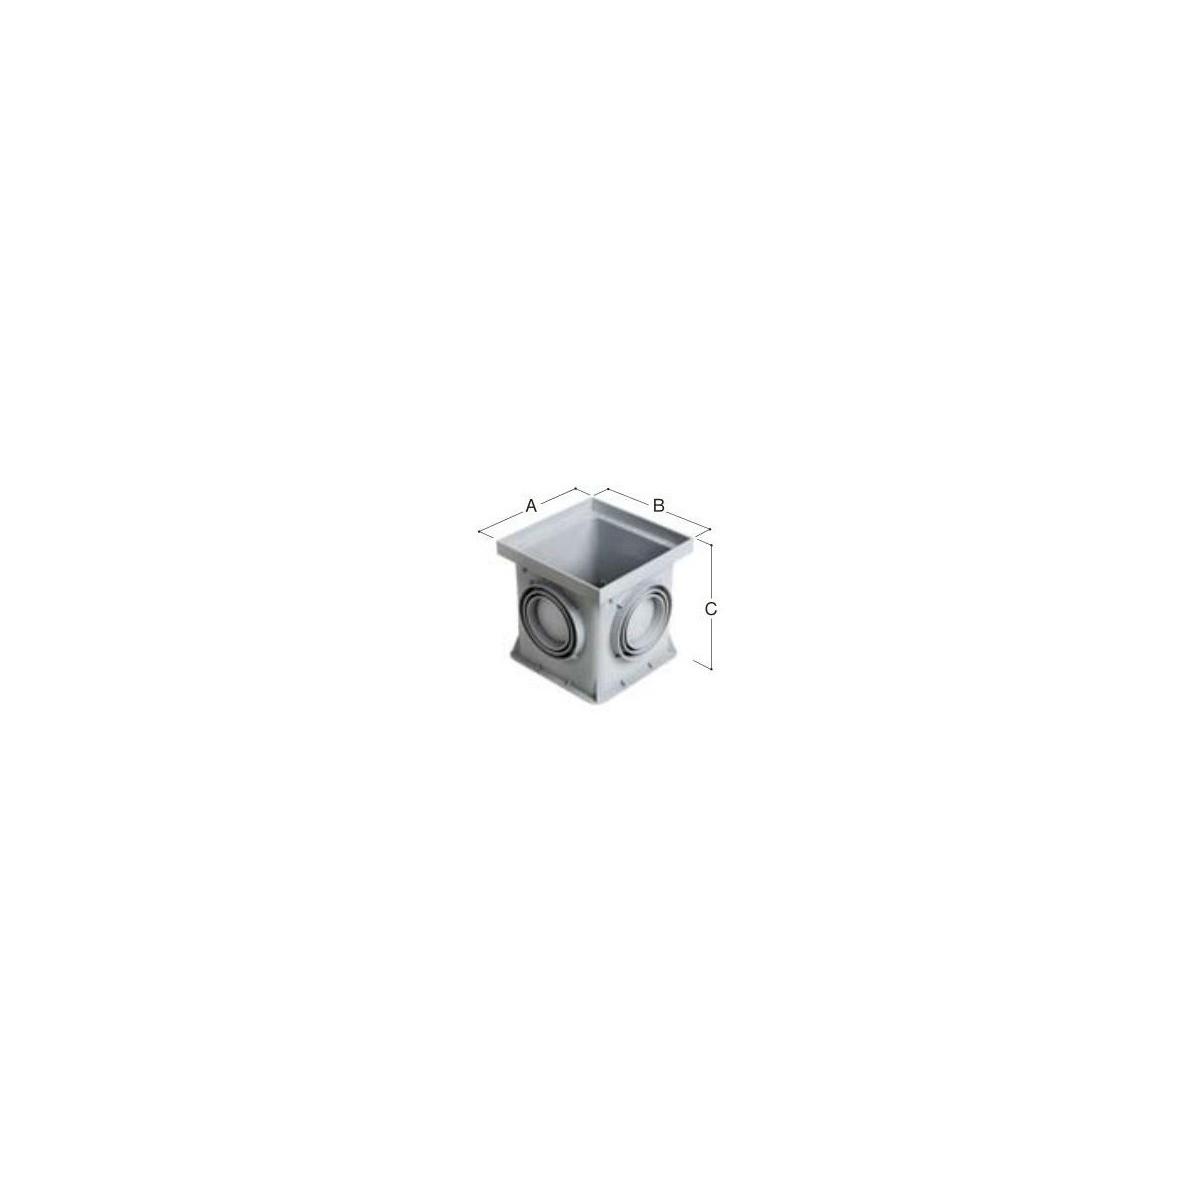 Studzienka ściekowa 300x300 mm